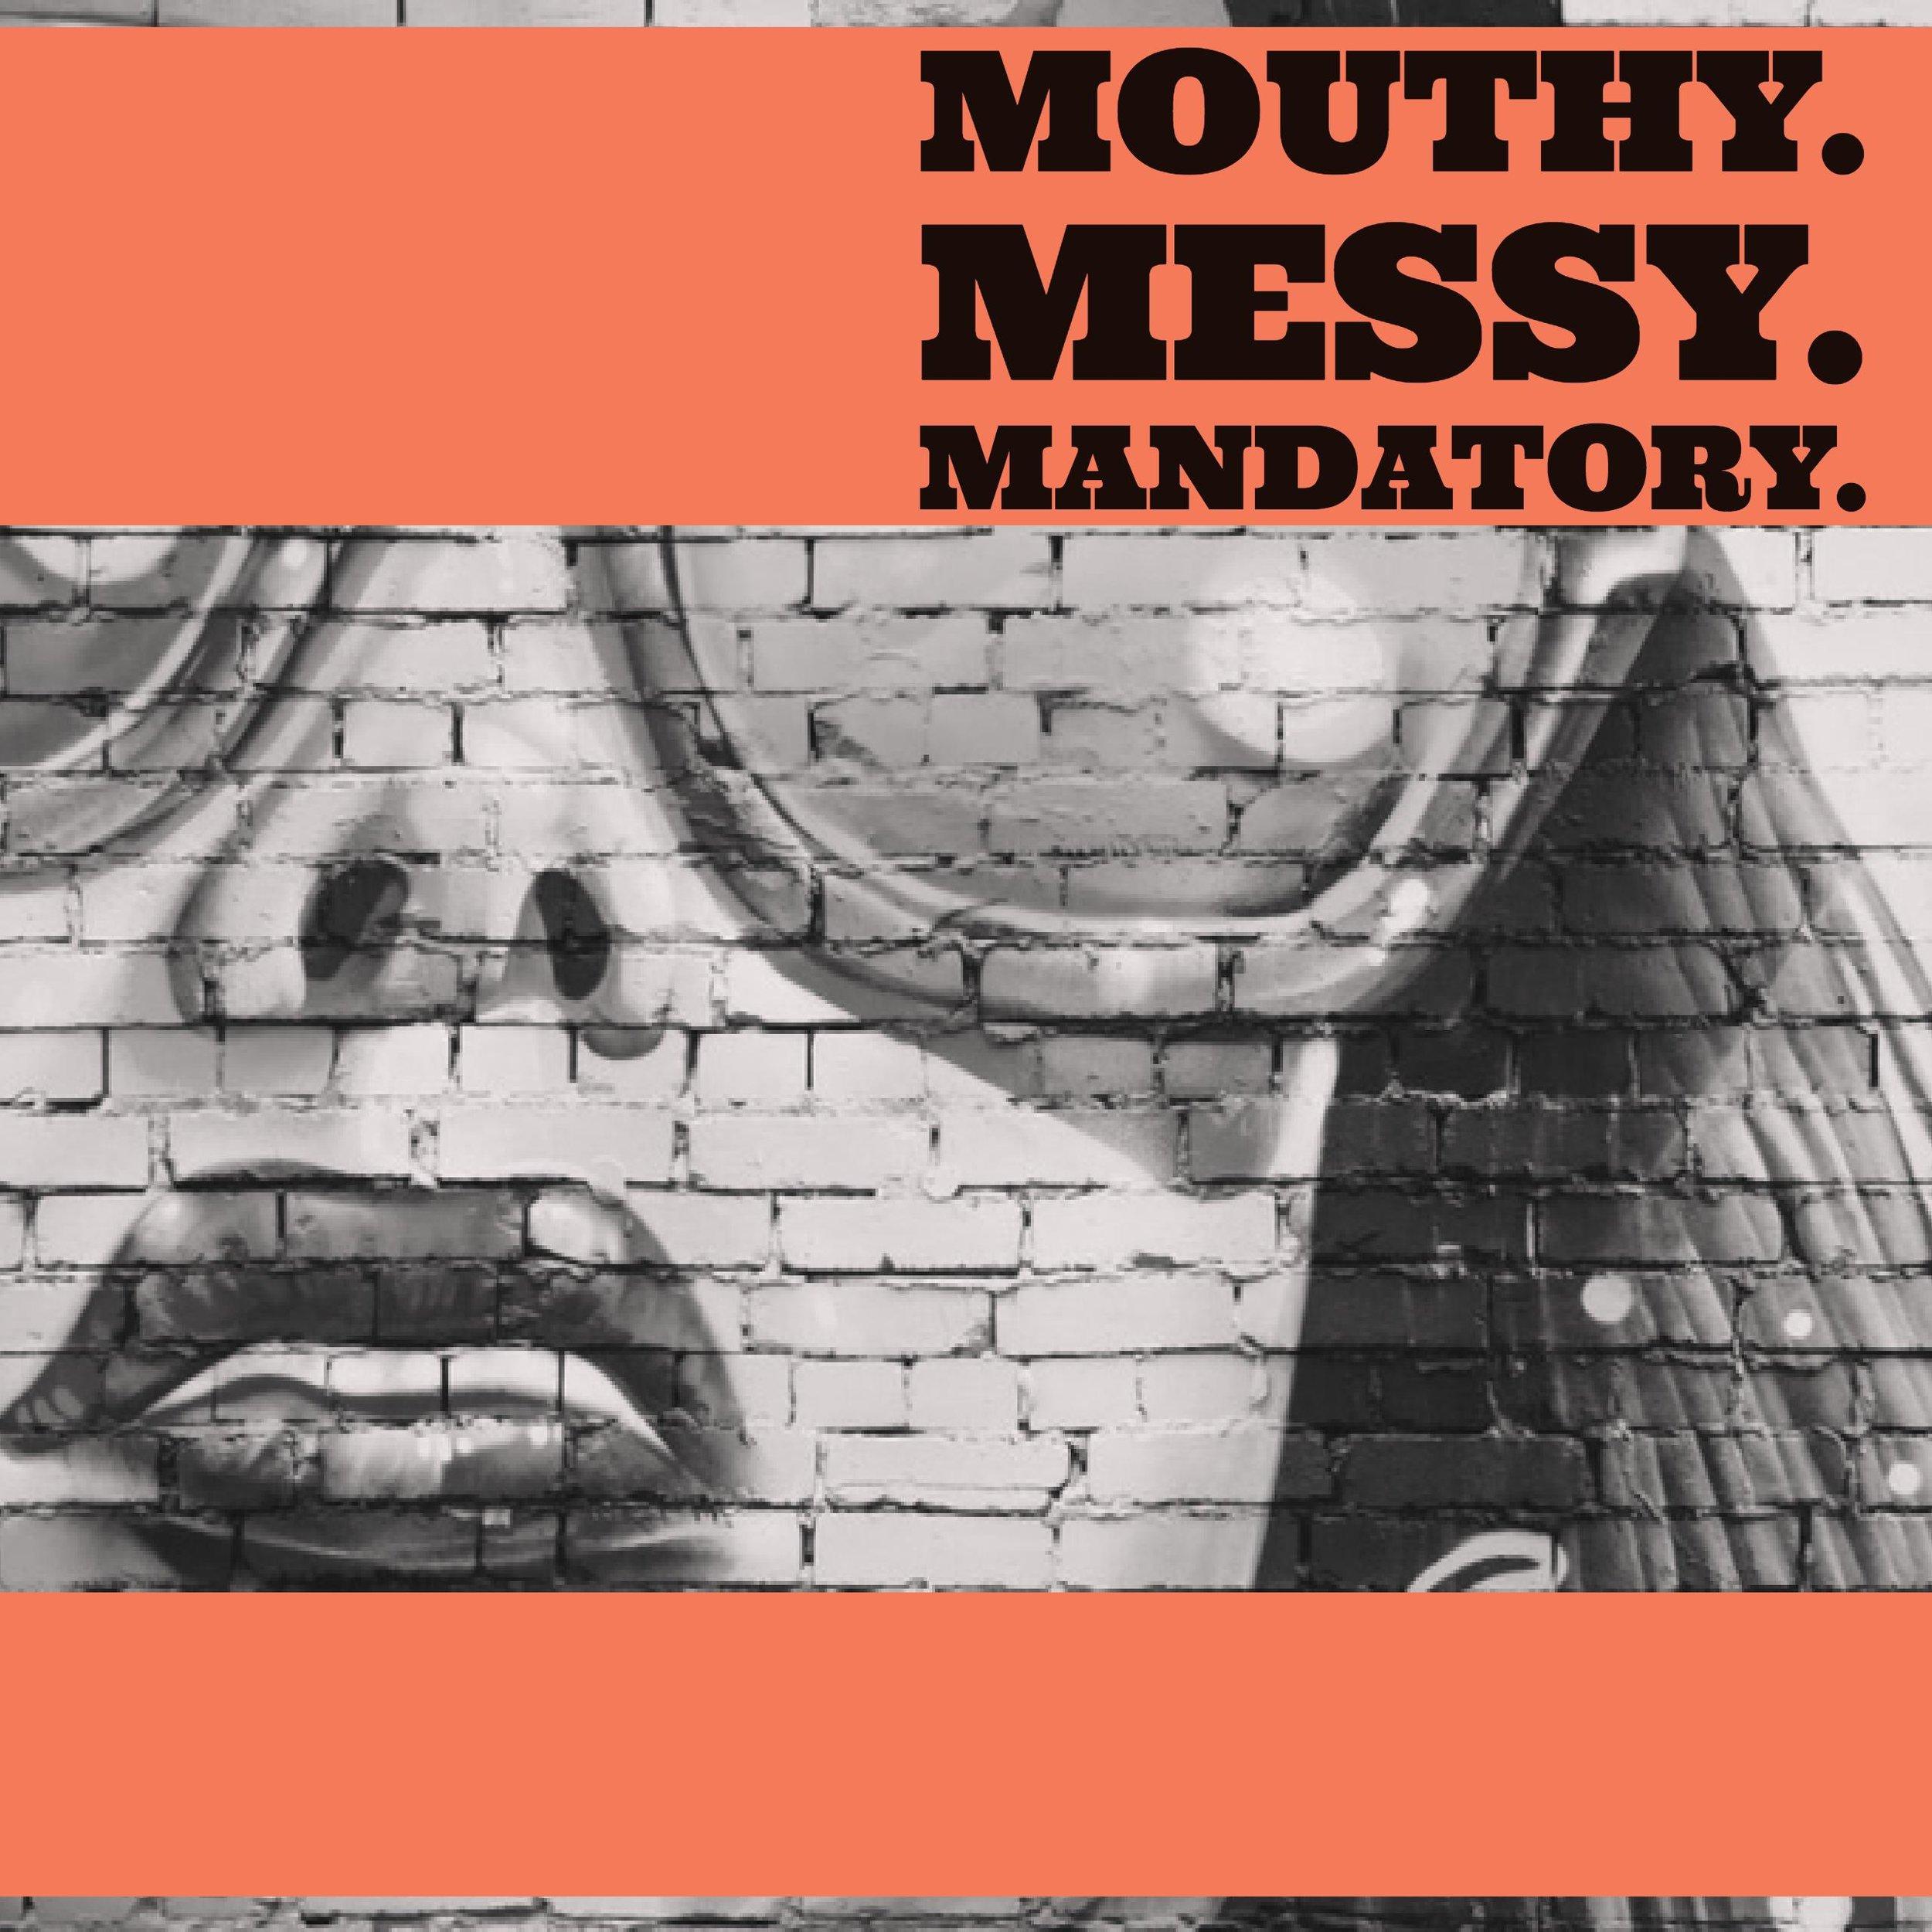 Mouthy Messy Mandatory